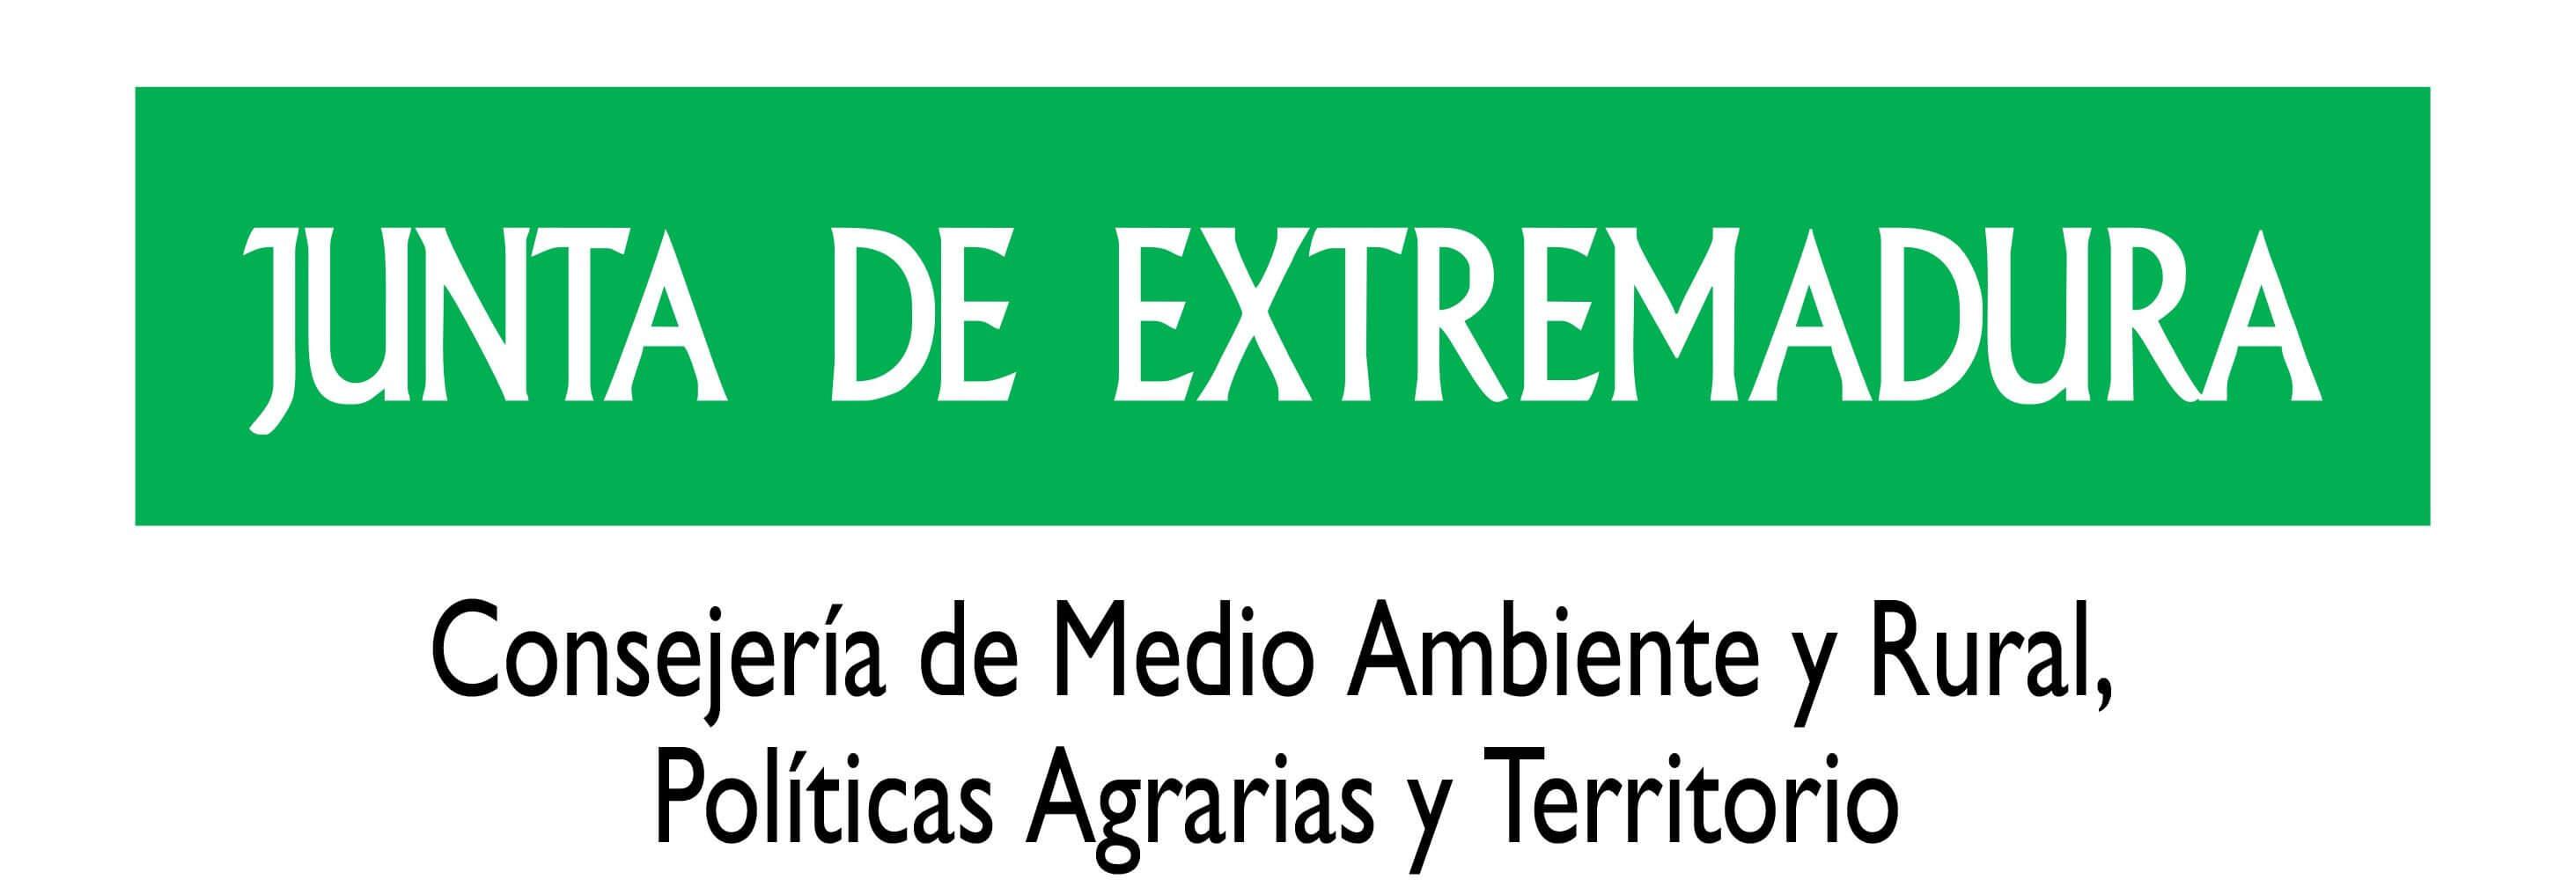 Homologación Junta de Extremadura